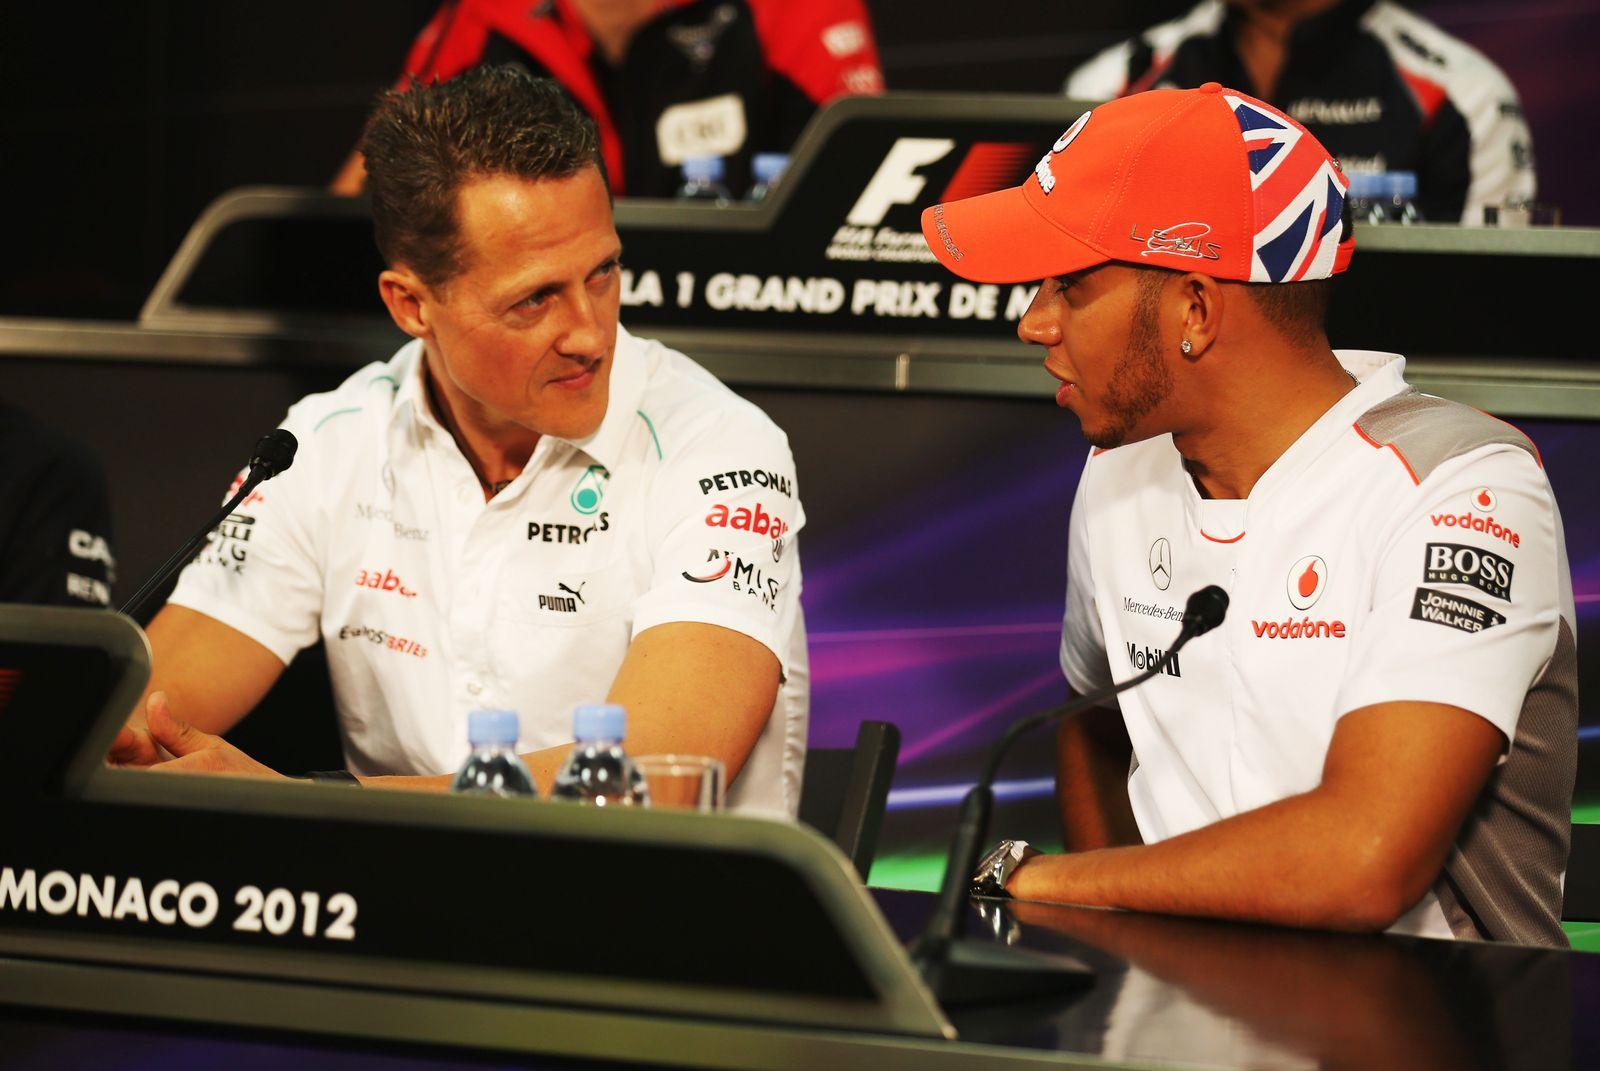 Michael Schuhmacher / Lewis Hamilton